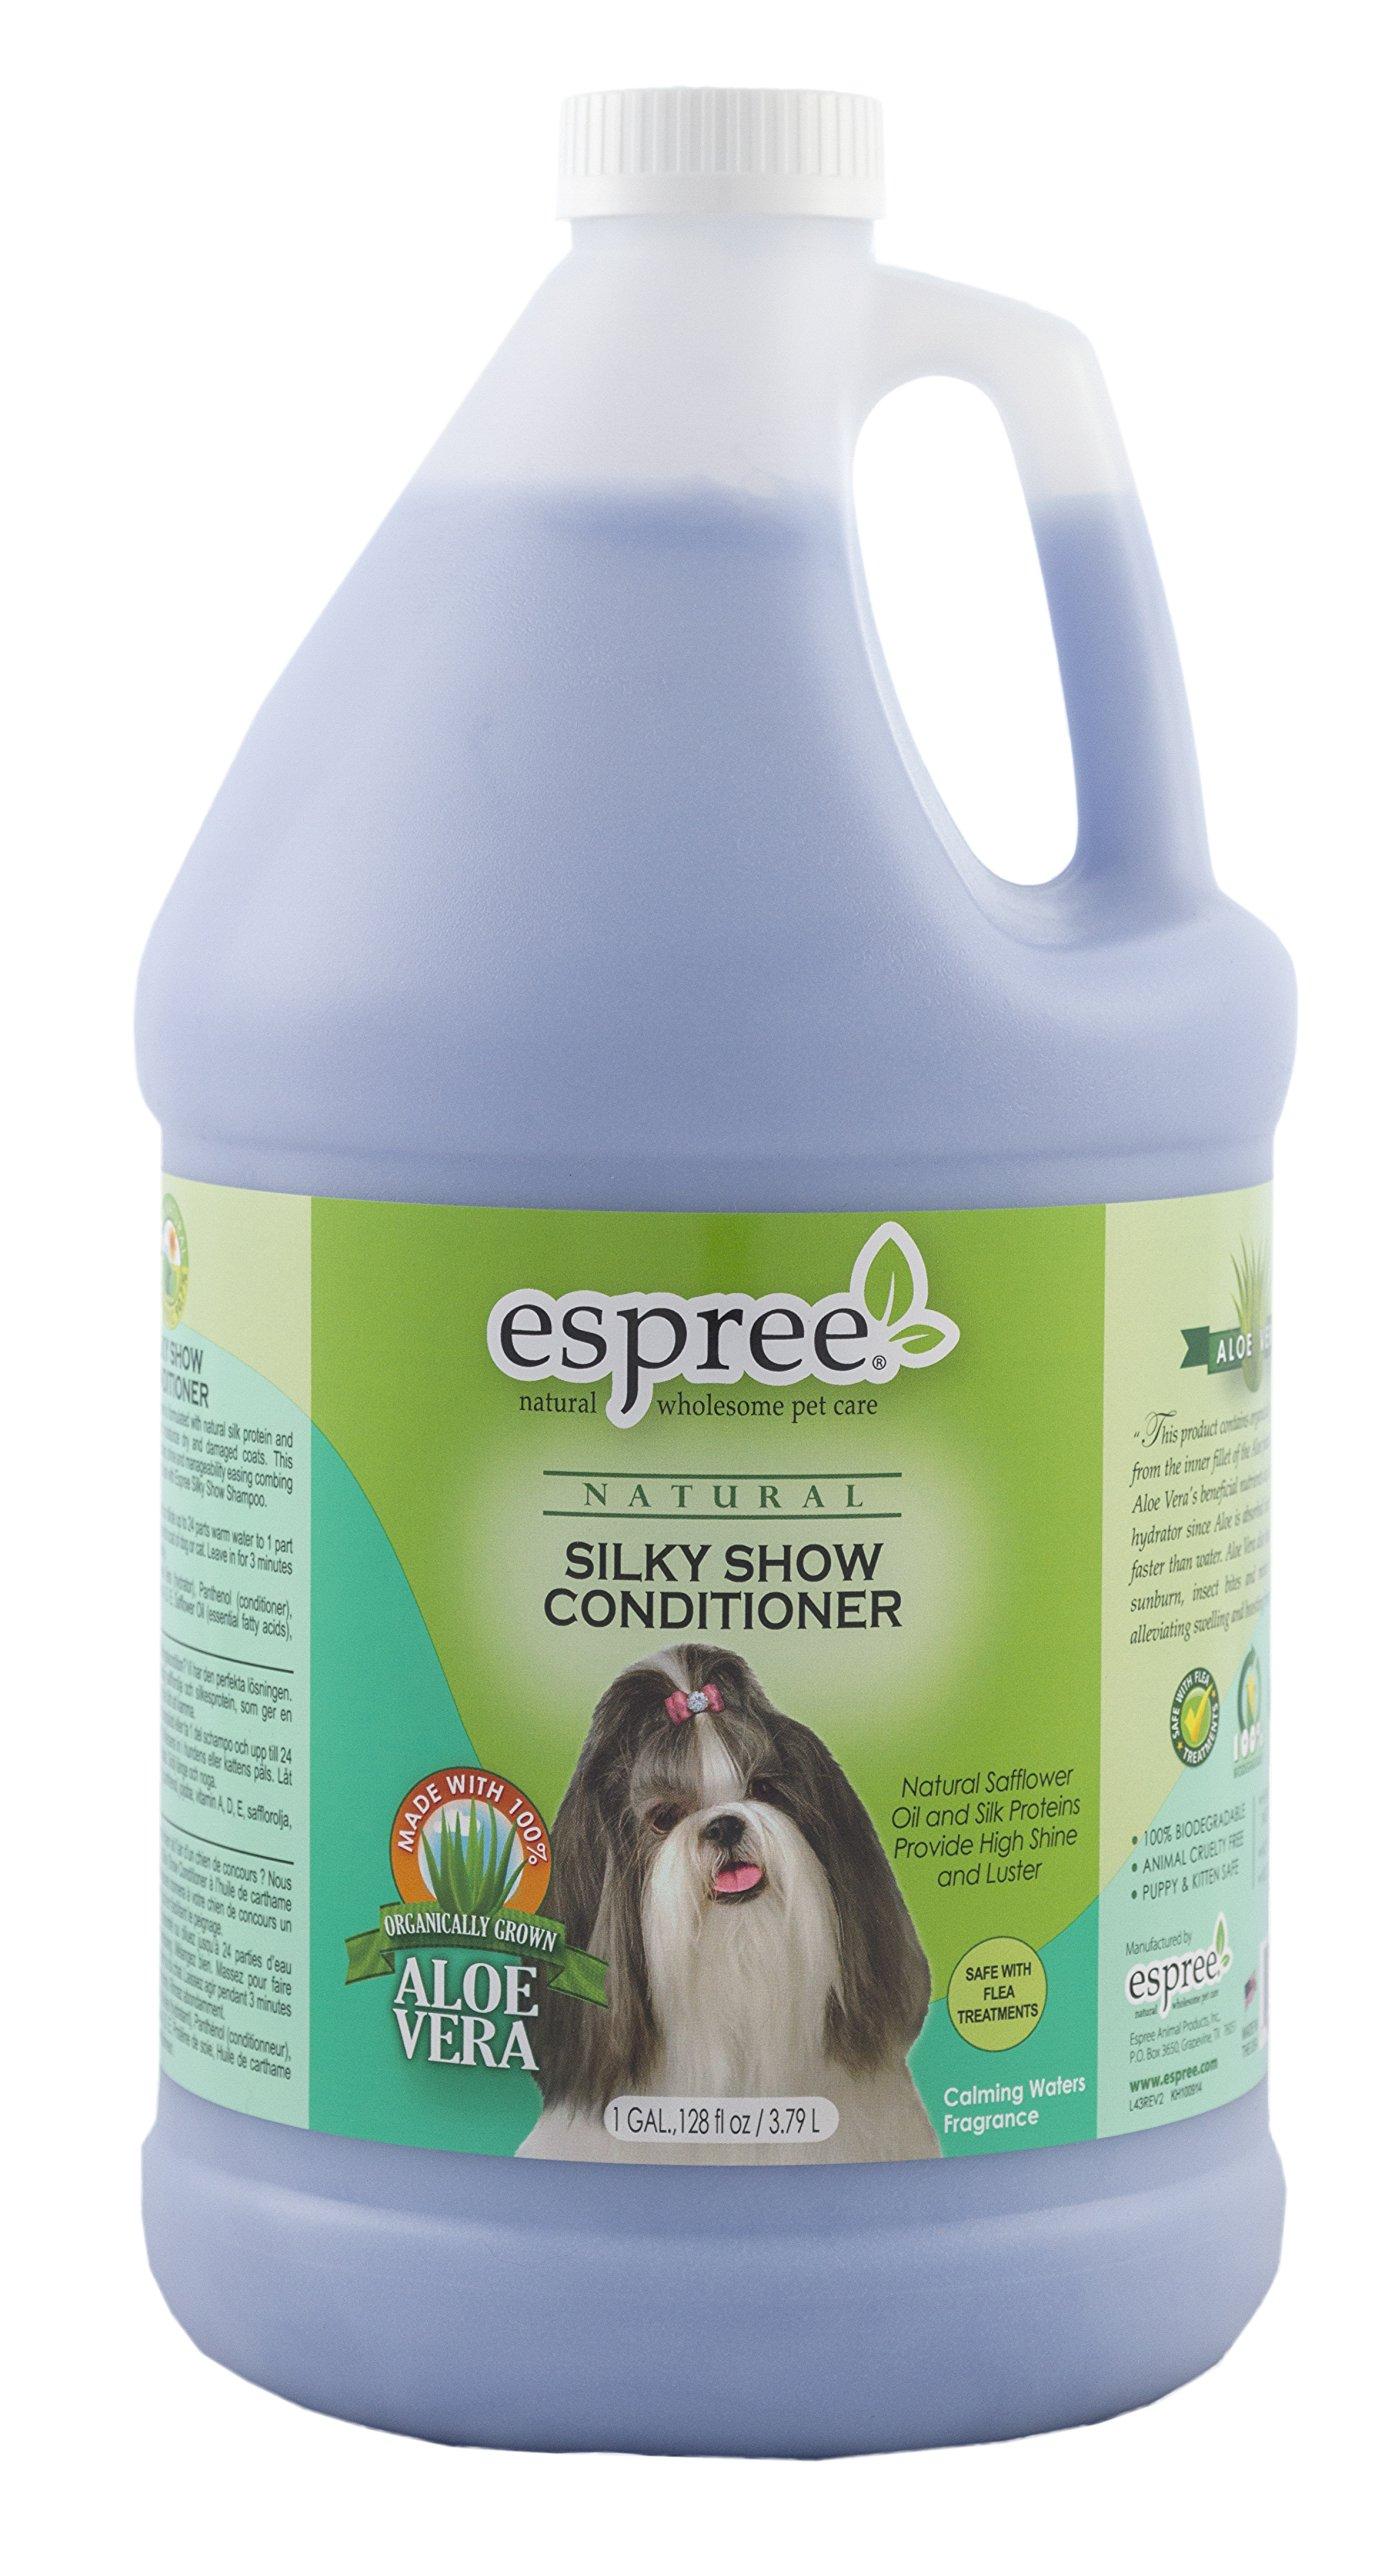 Espree Silky Show Conditioner, 1 gallon